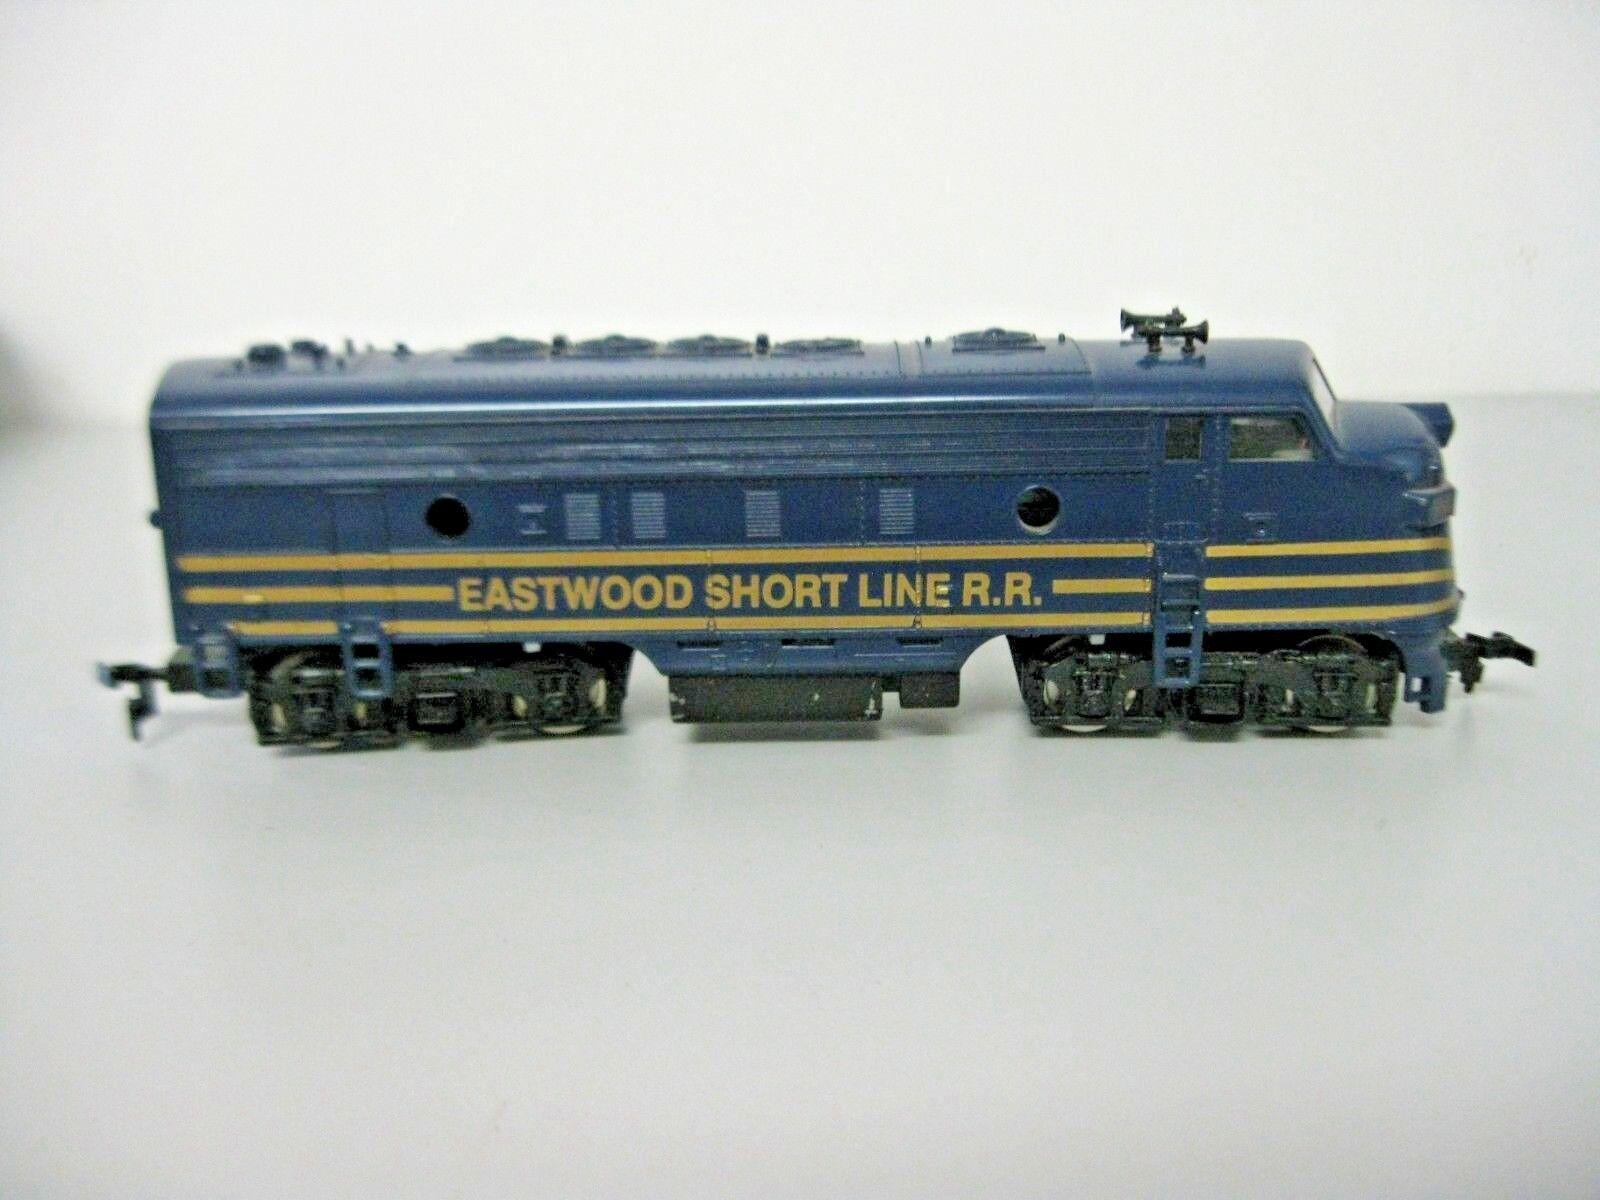 Mantua HO Locomotive Eastwood Short Line RR HO Railroad Train